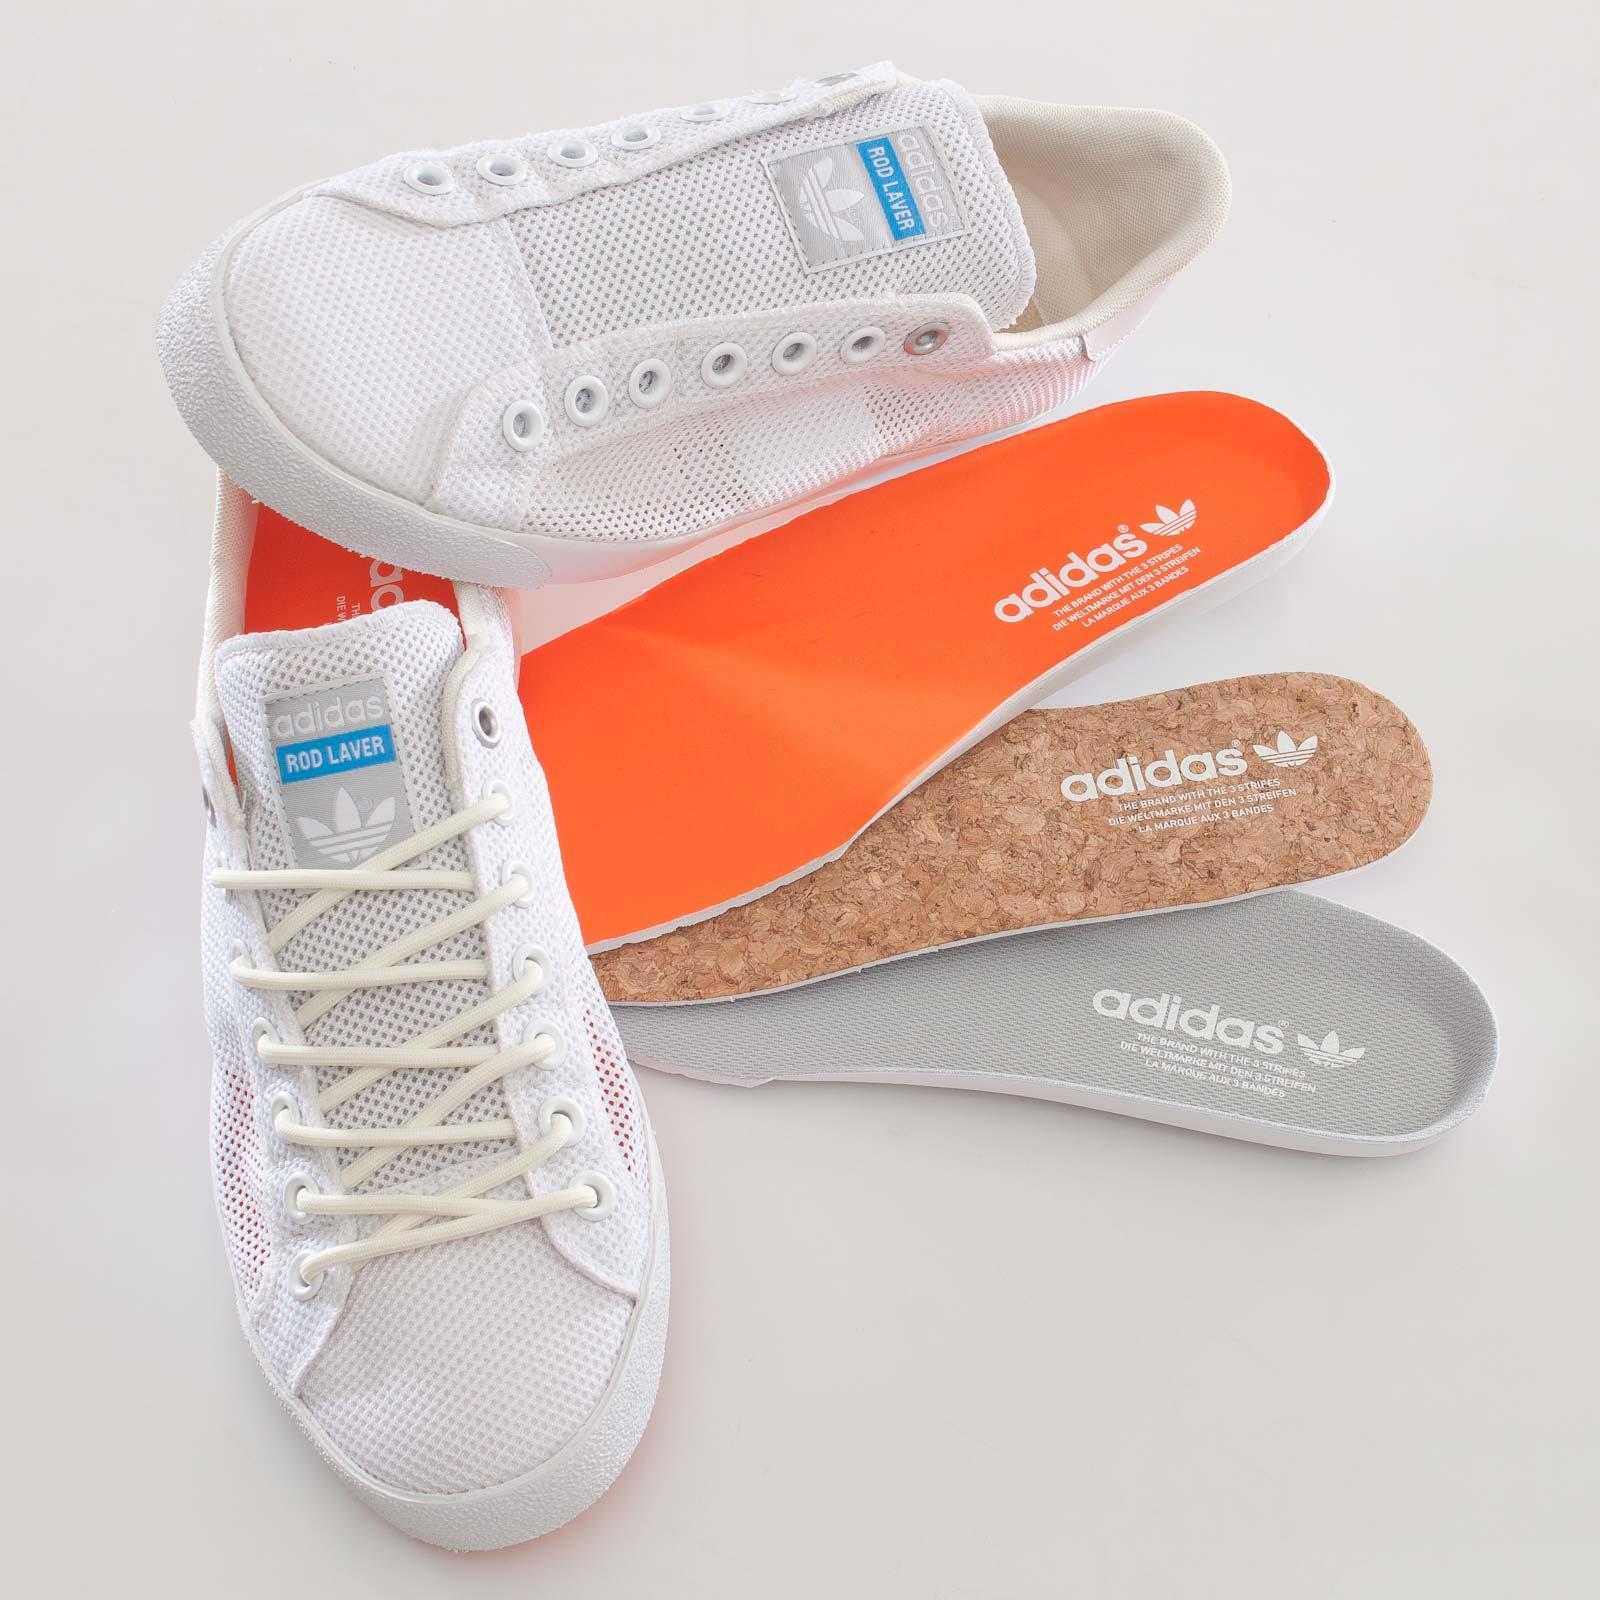 Adidas Rod Laver 'La marques aux 3 bandes' (7)   Chaussures